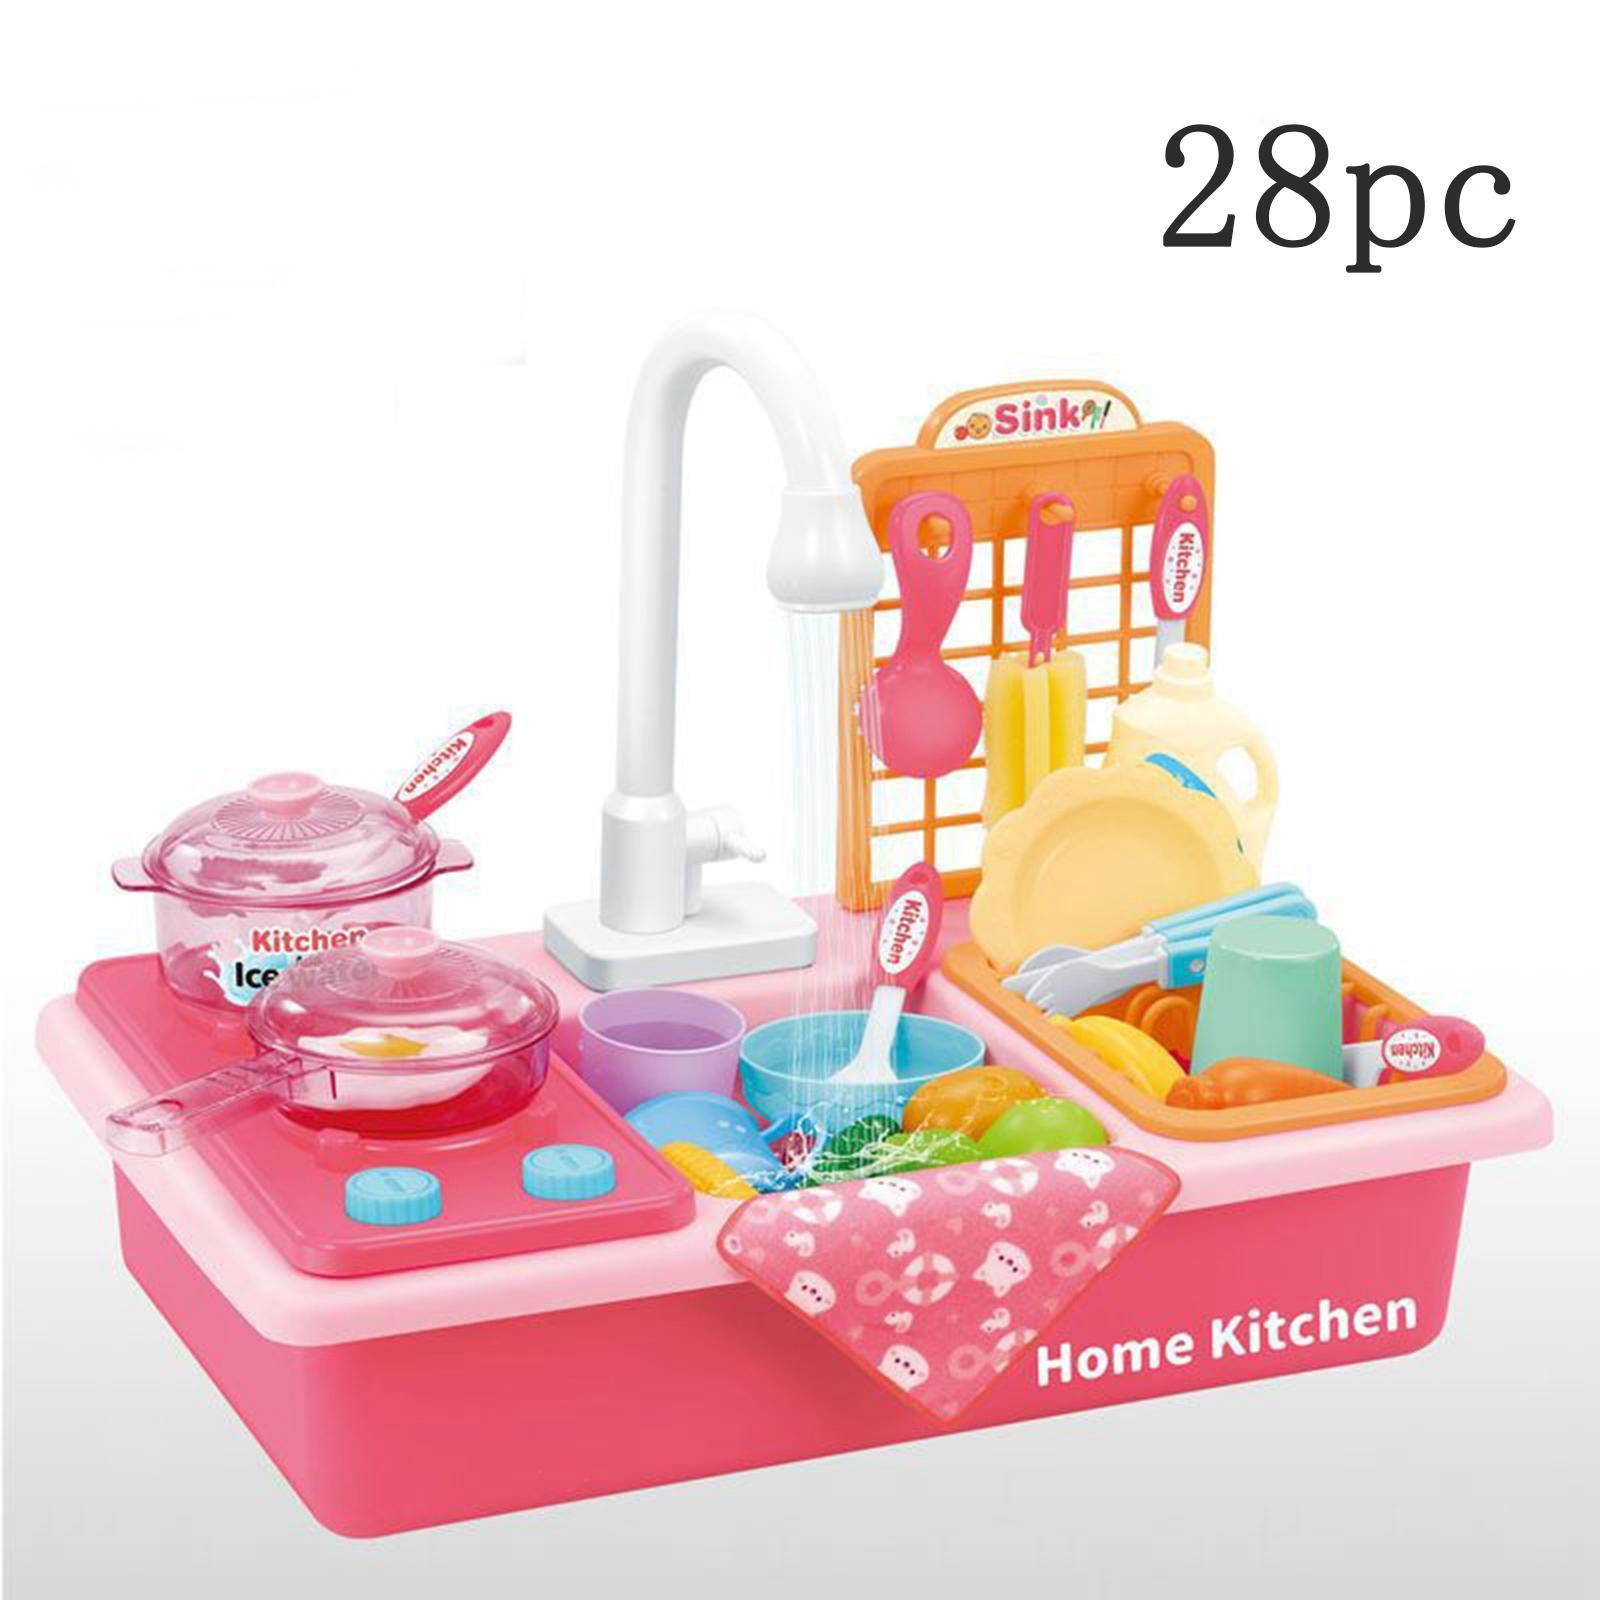 Indexbild 31 - Kinder-Kueche-Spielen-Waschbecken-Spielzeug-Automatische-Wasser-Zyklus-System